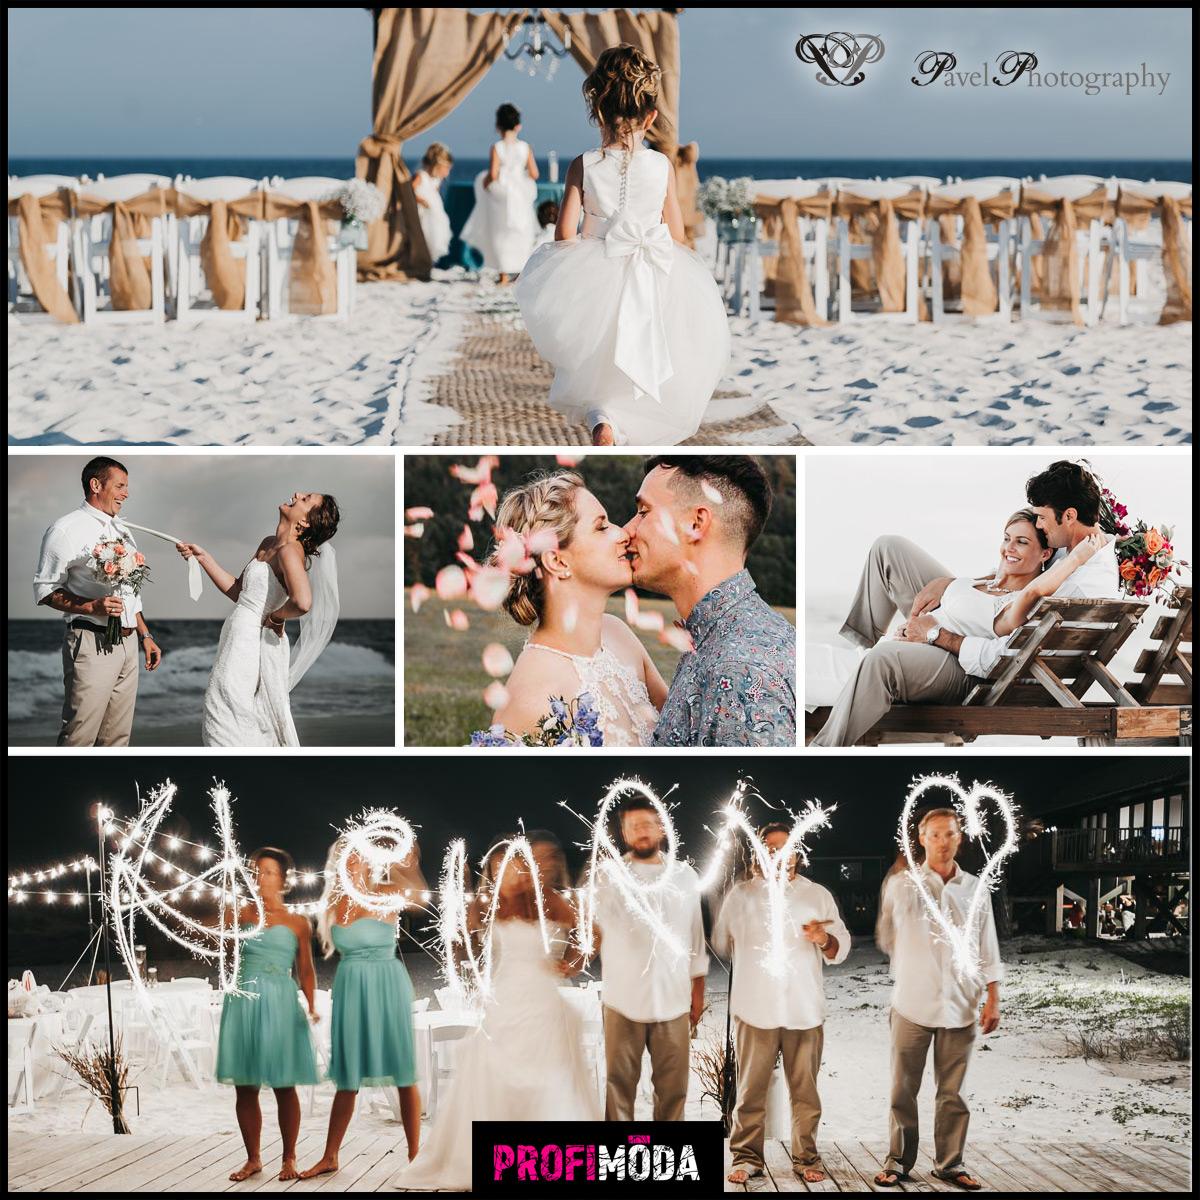 I takto mohou vypadat profesionální fotografie ze svatby. Jejich autorem je Pavel Vávra.